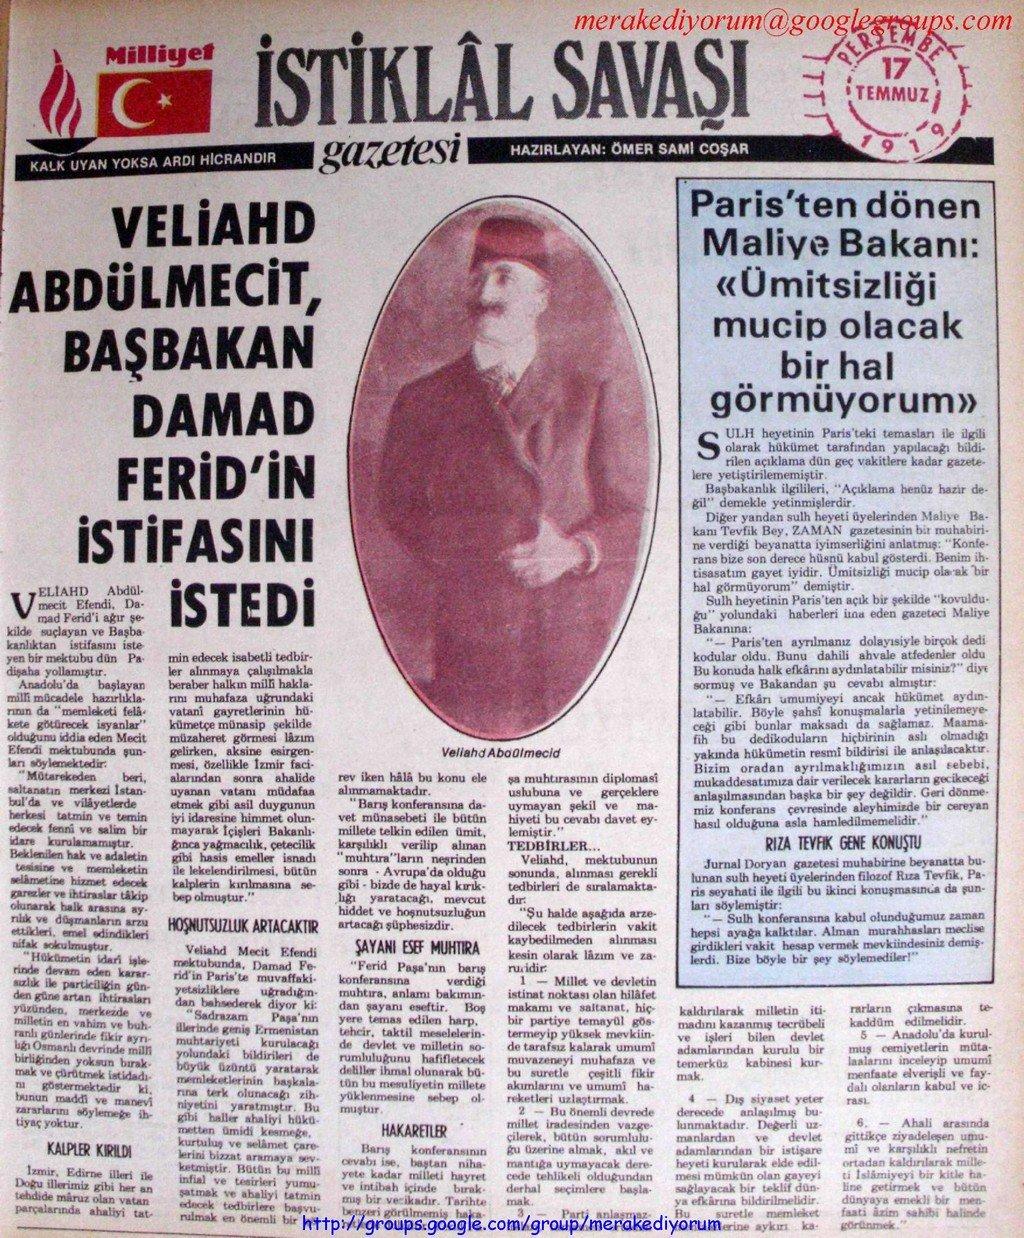 istiklal savaşı gazetesi - 17 temmuz 1919